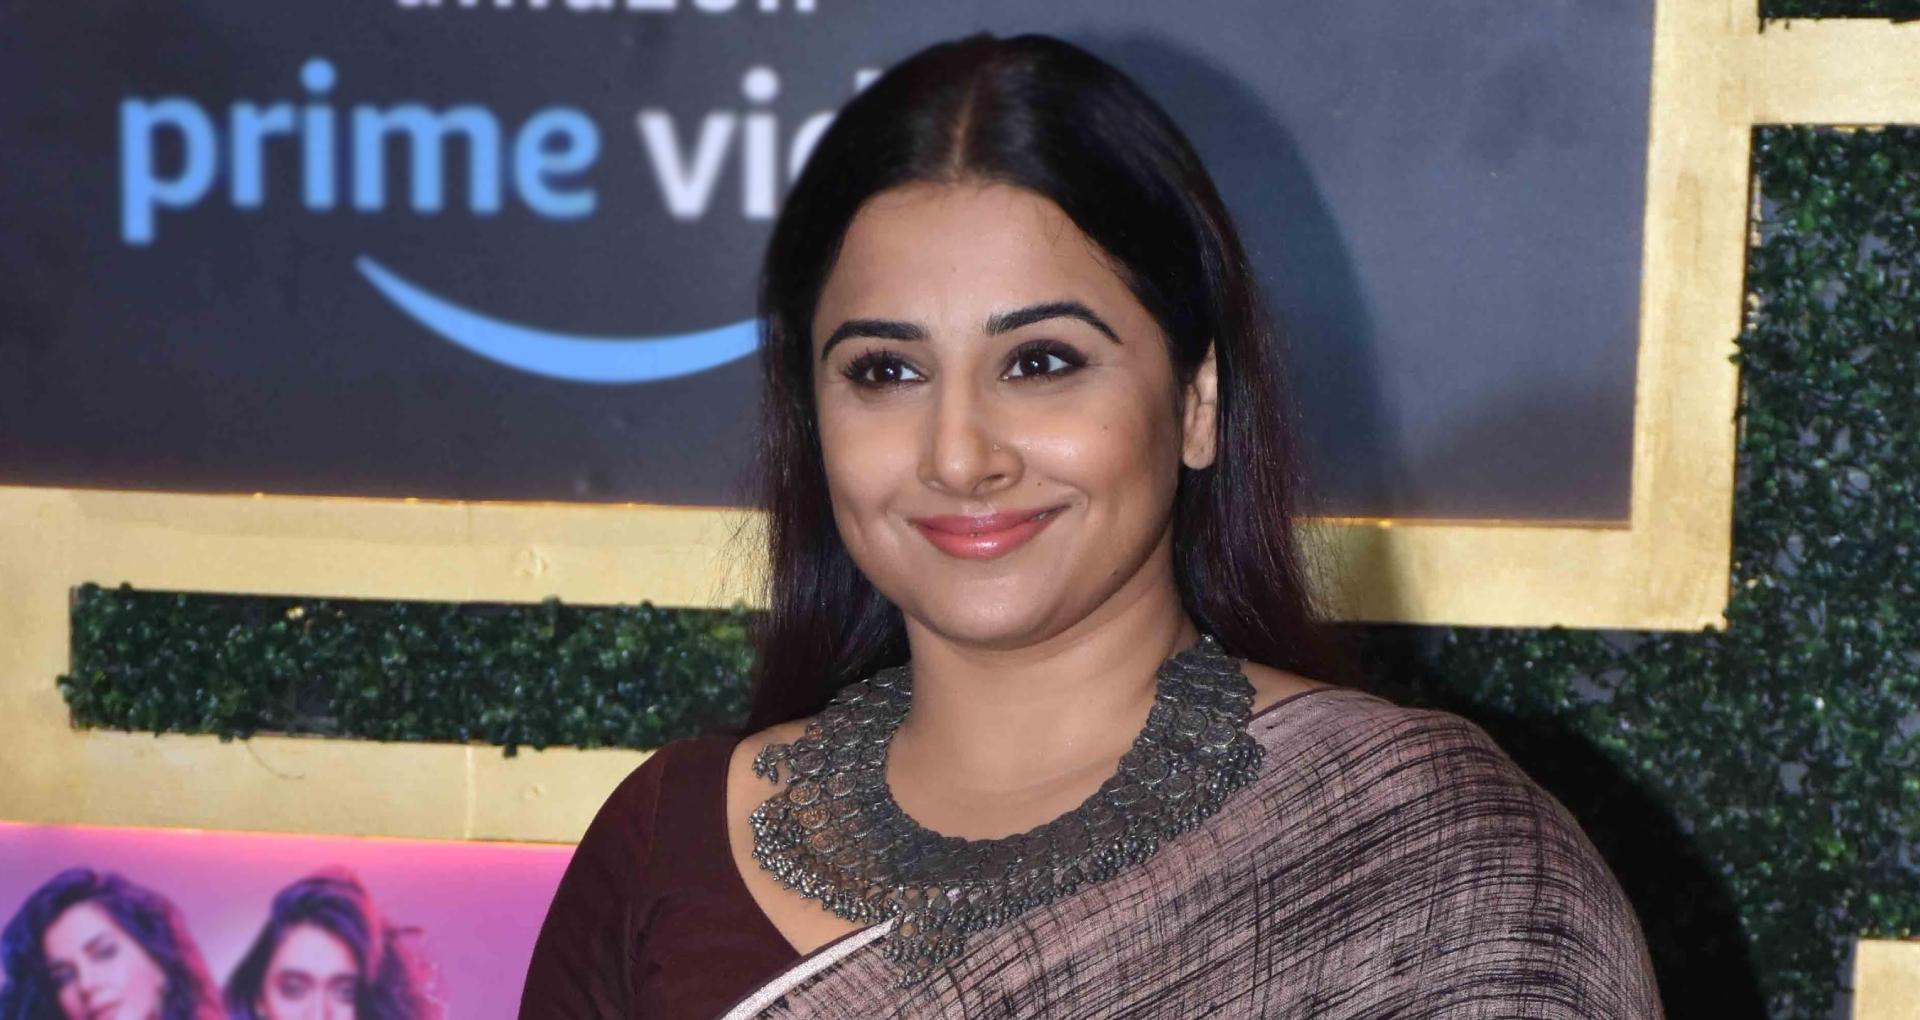 कंगना रनौत नहीं, जयललिता की बायोपिक के लिए विद्या बालन थीं पहली पसंद, इन वजहों से नहीं बन पाईं फिल्म का हिस्सा